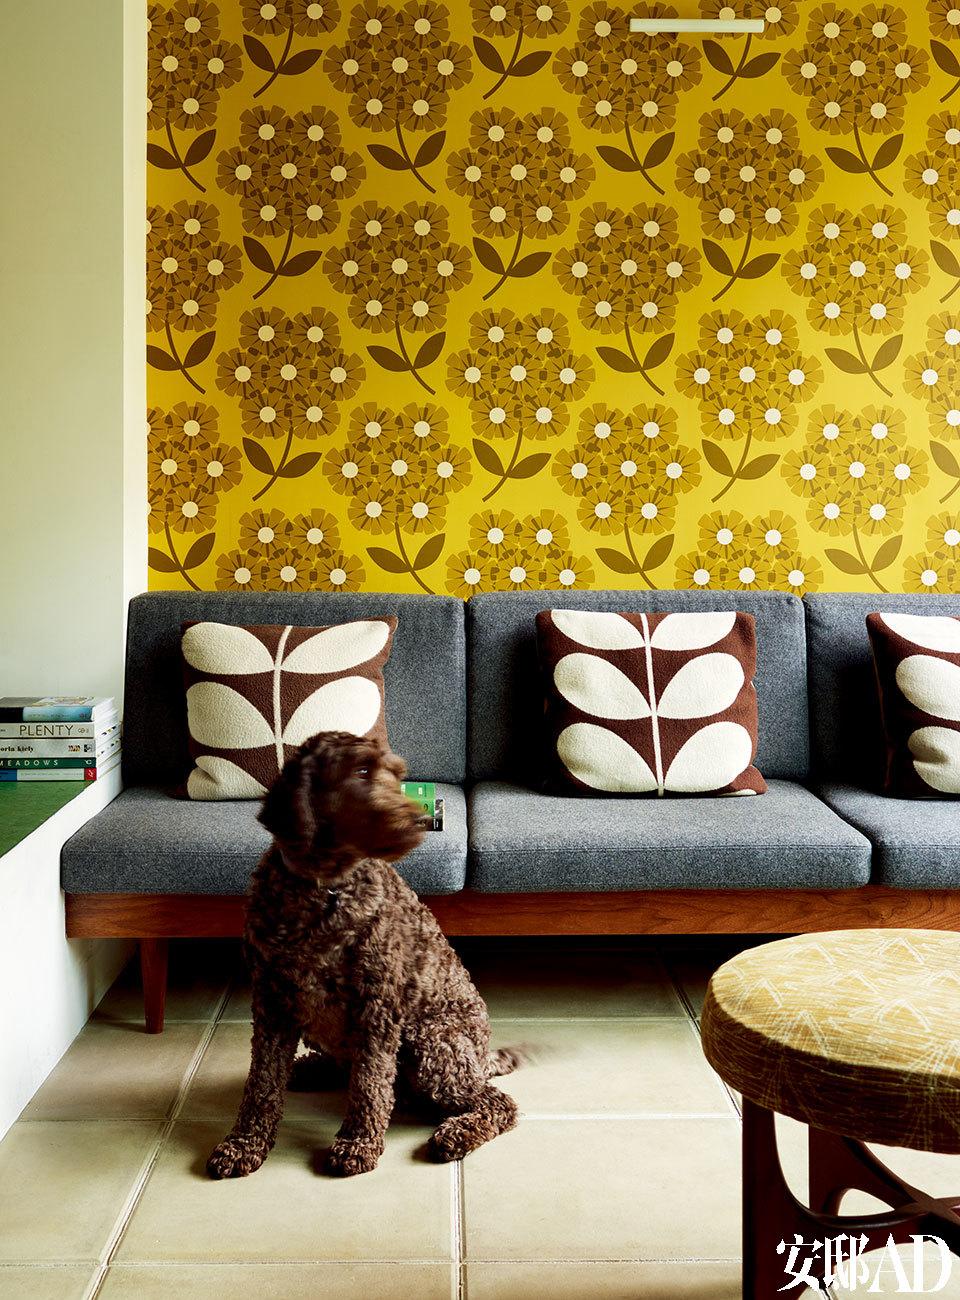 """在下层的休息室中,Orla的拉布拉多德利犬正""""坐望""""着窗外花园。Orla标志性的树枝图案被用在了靠垫上,杜鹃花图案的壁纸也来自她所设计的家居系列。"""